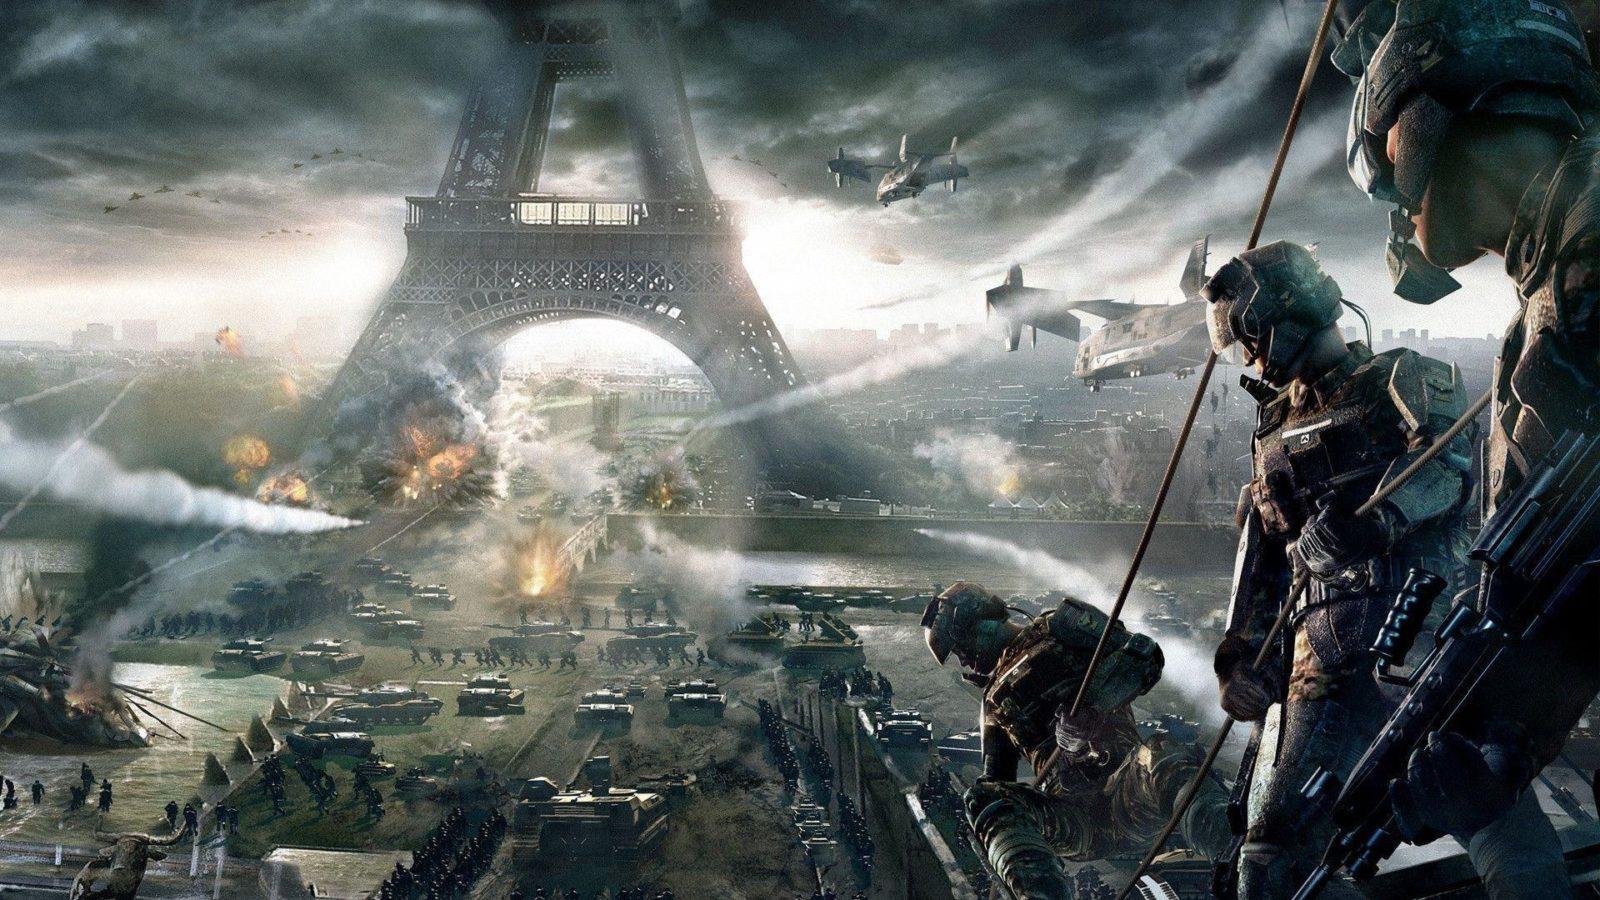 Il prossimo Call of Duty sarà Modern Warfare 4?